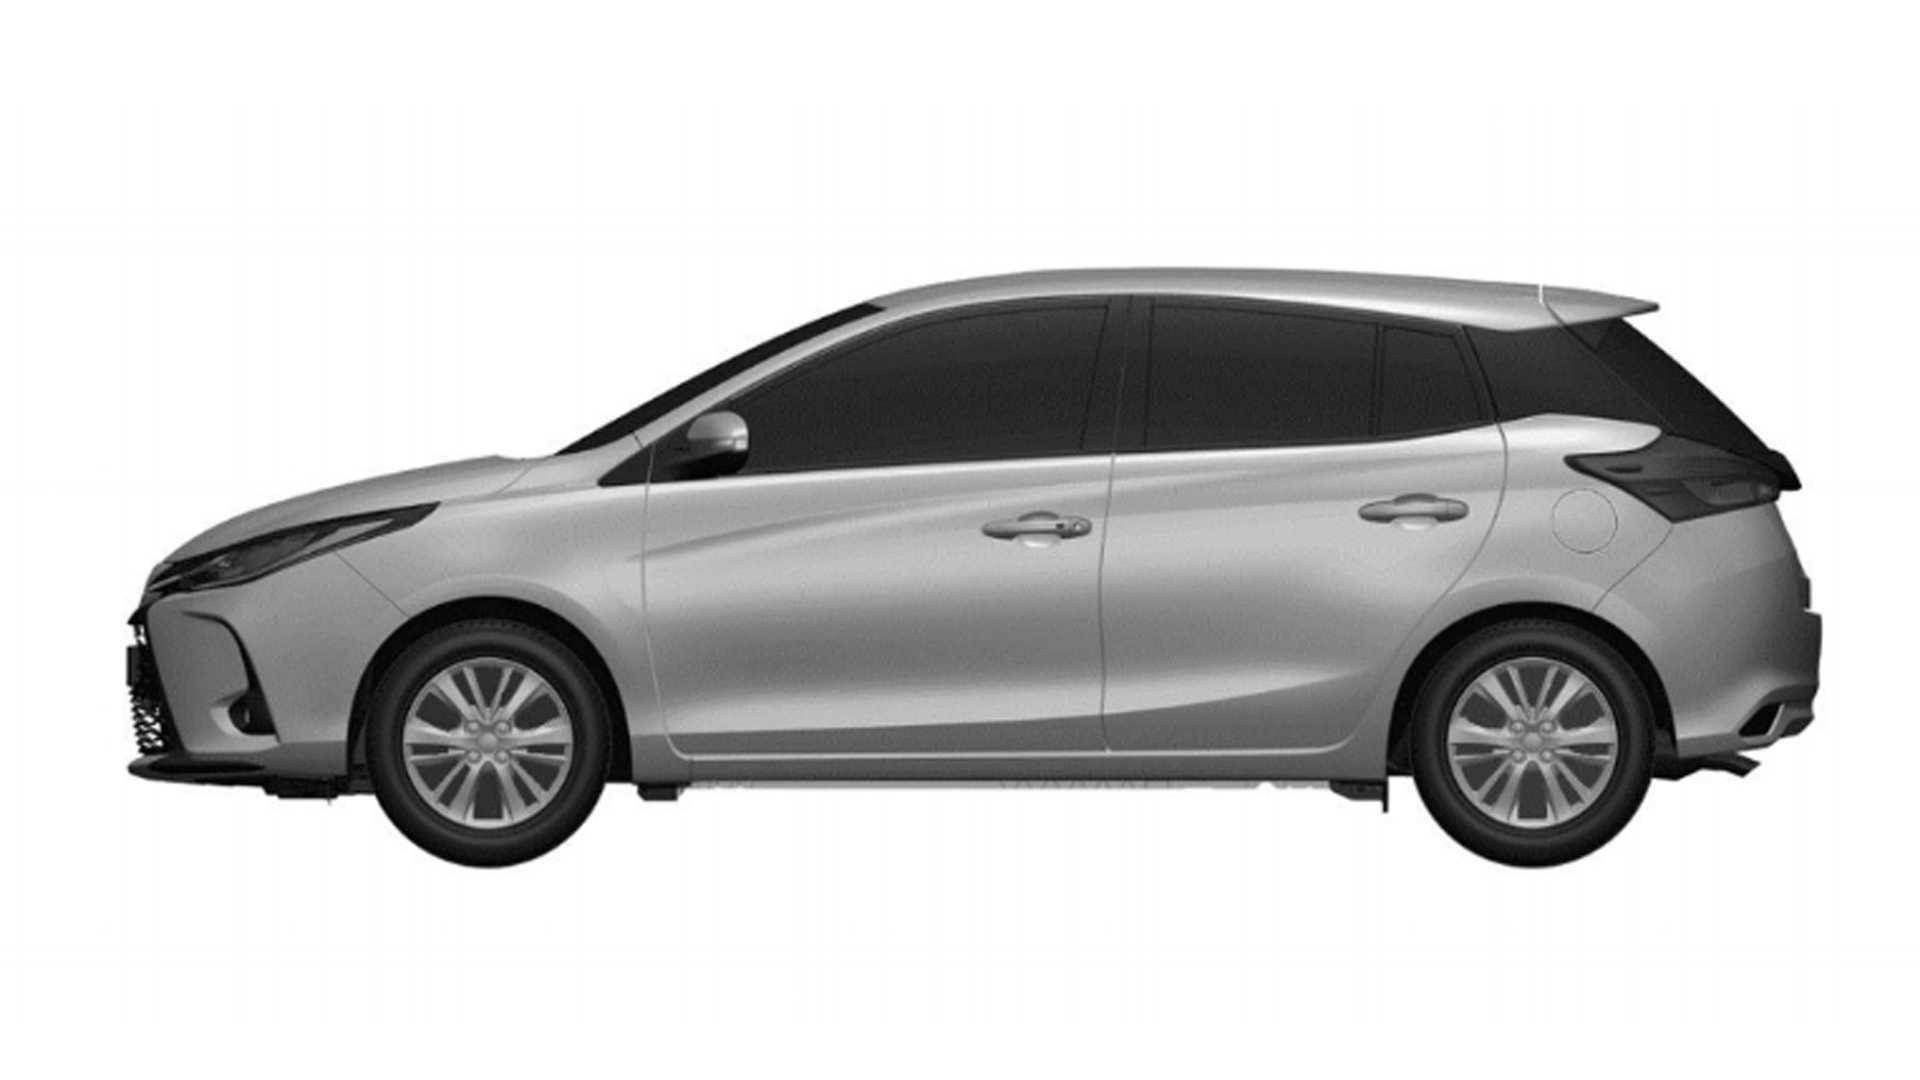 Toyota Yaris reestilizado - Registro na Argentina